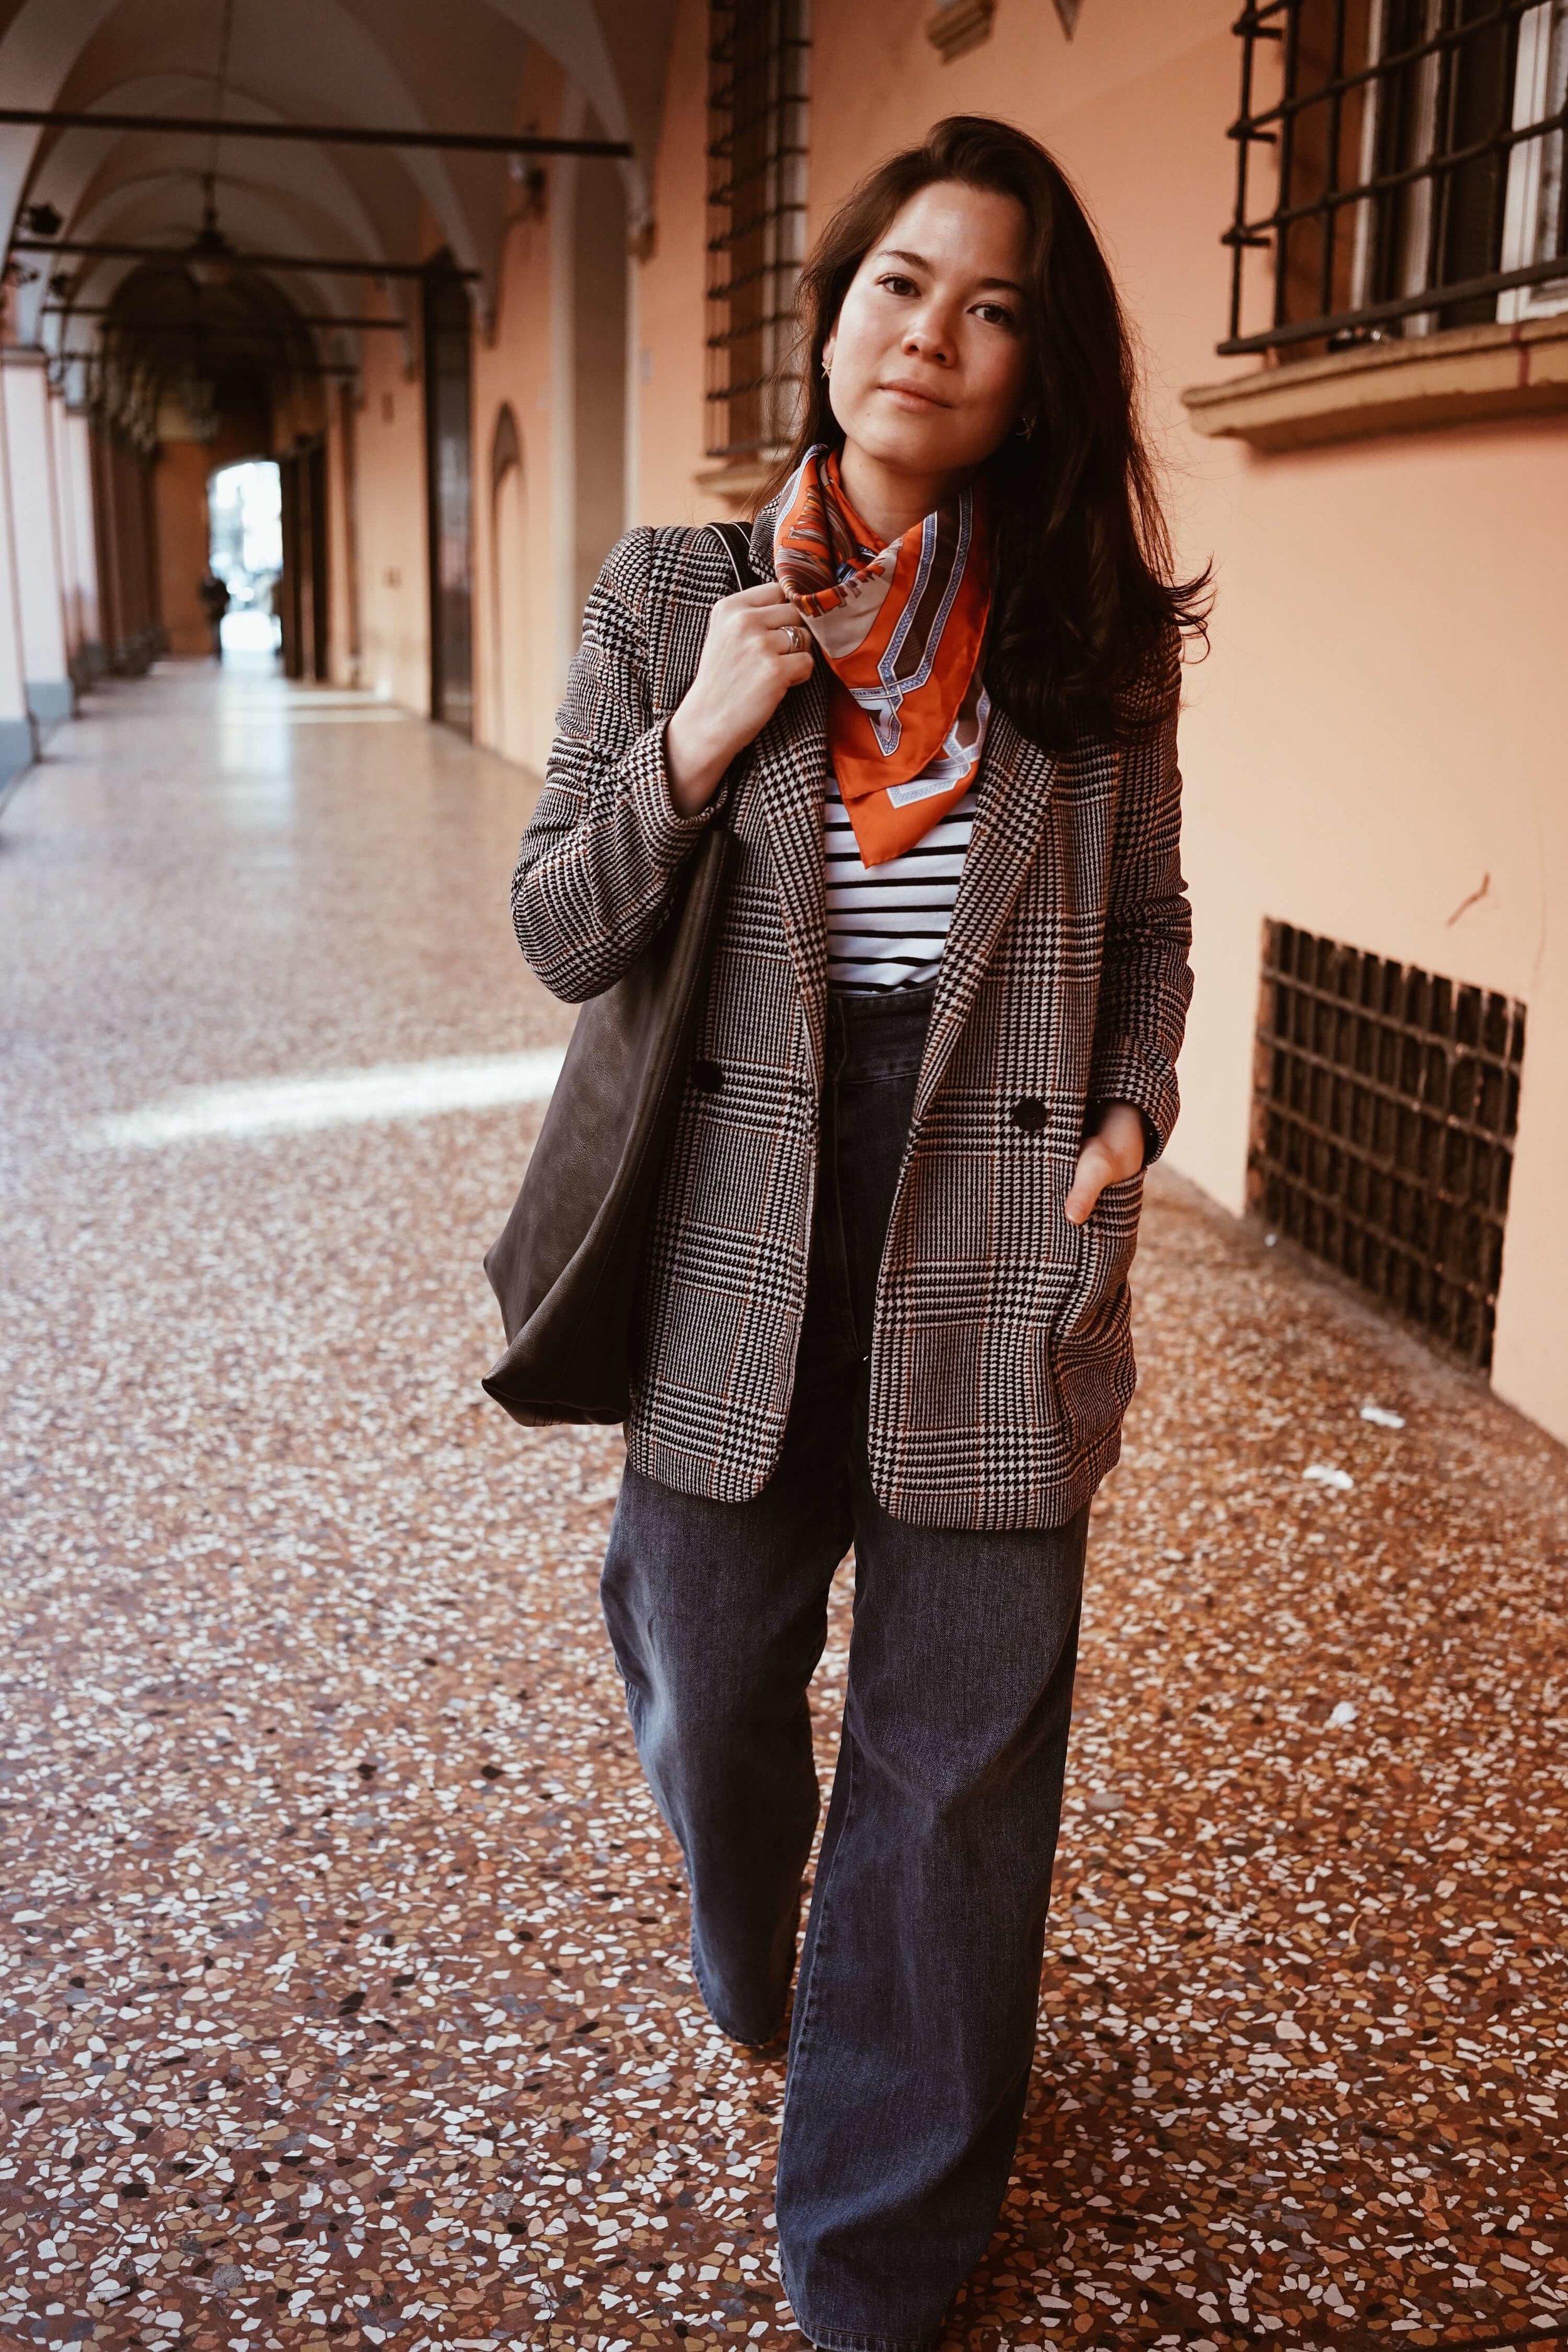 Bologna Lei Lady Lei OOTD